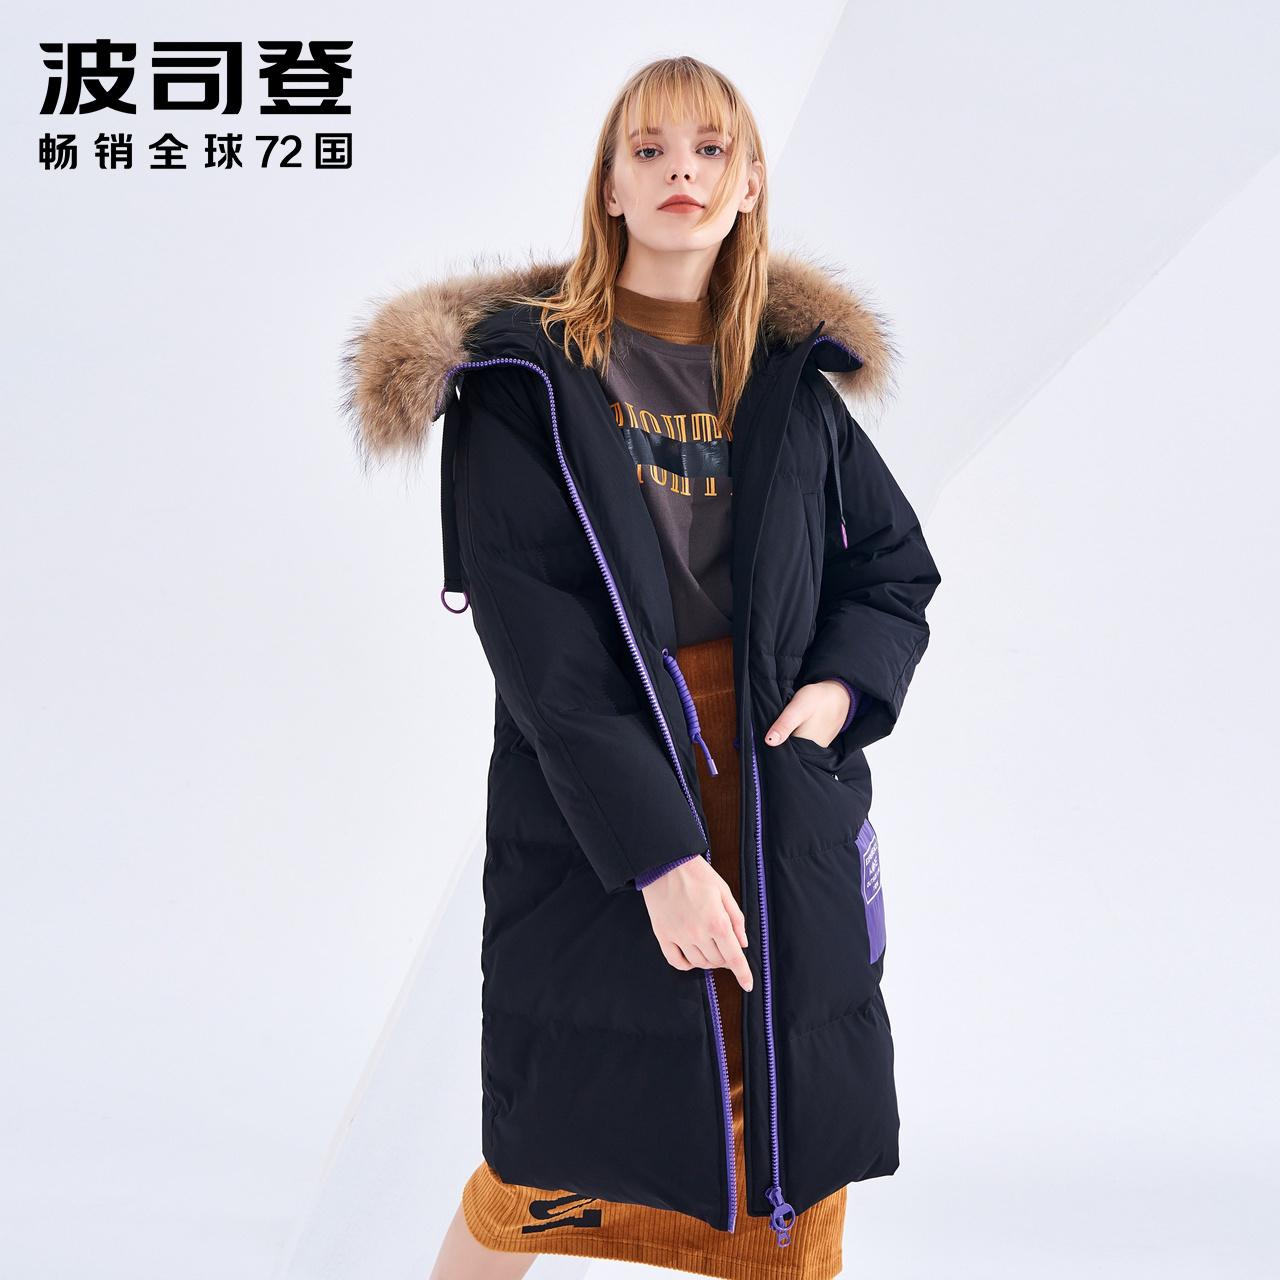 波司登中长款女士羽绒服冬季新品可脱卸毛领时尚休闲保暖厚款外套 1499元